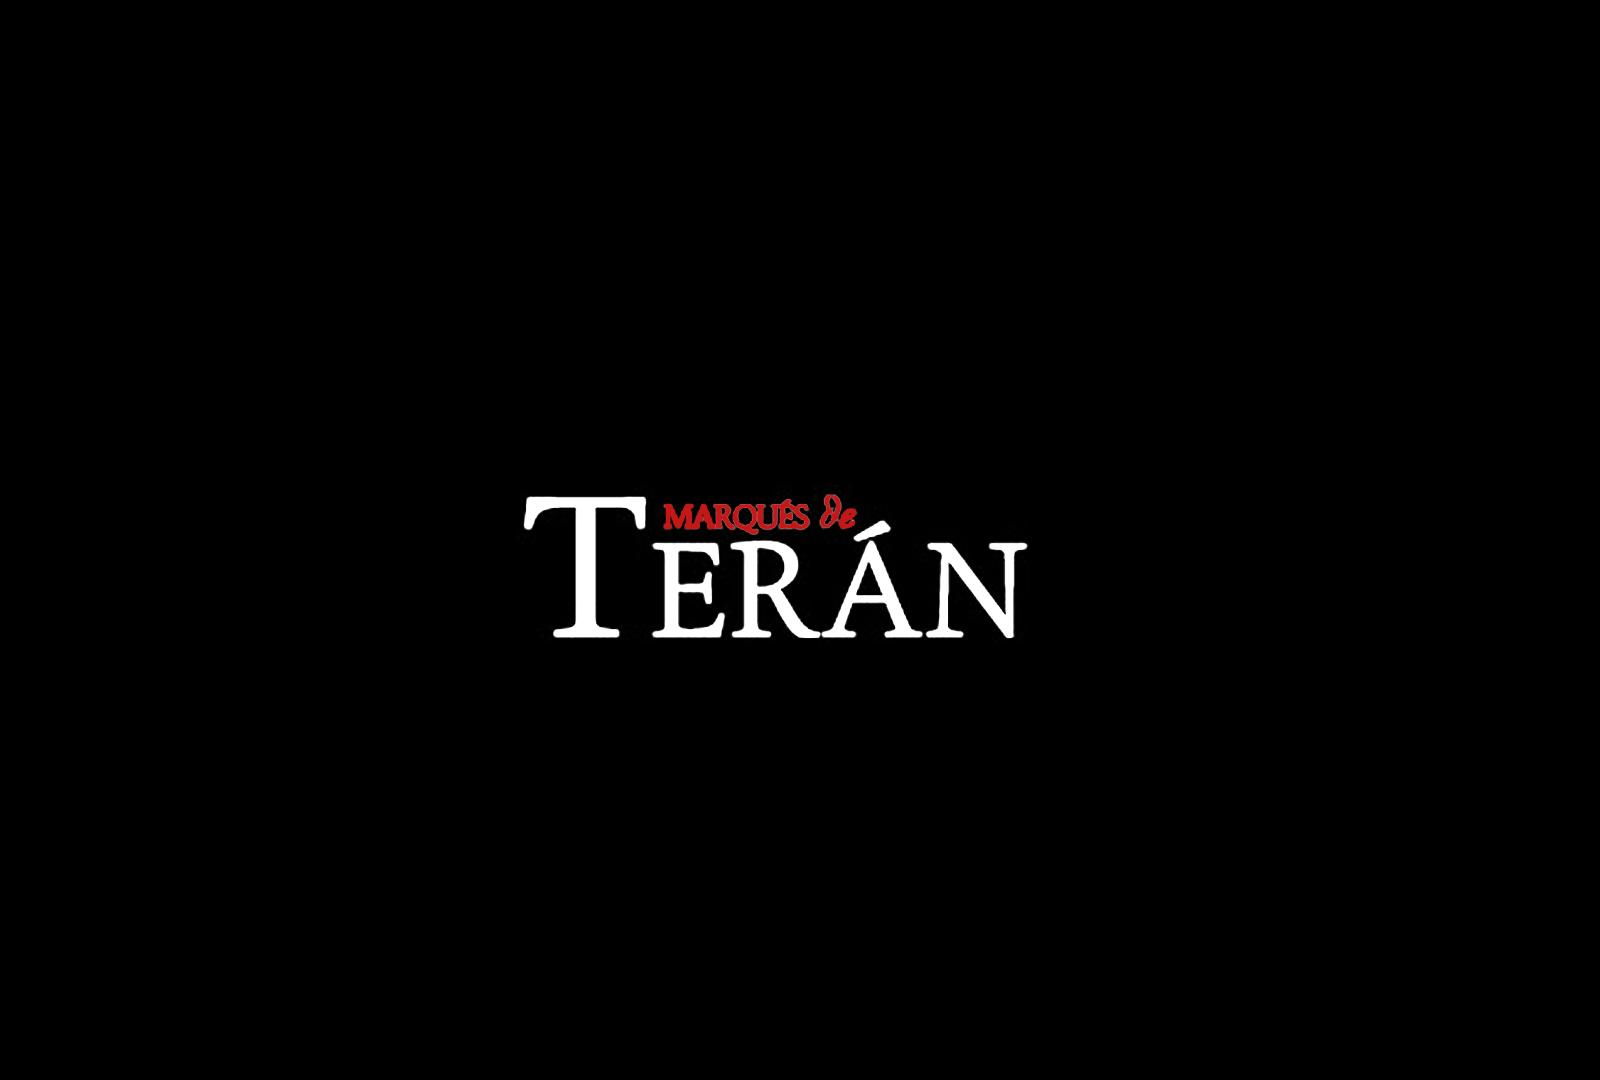 Marqués de Terán presenta sus nuevas añadas.